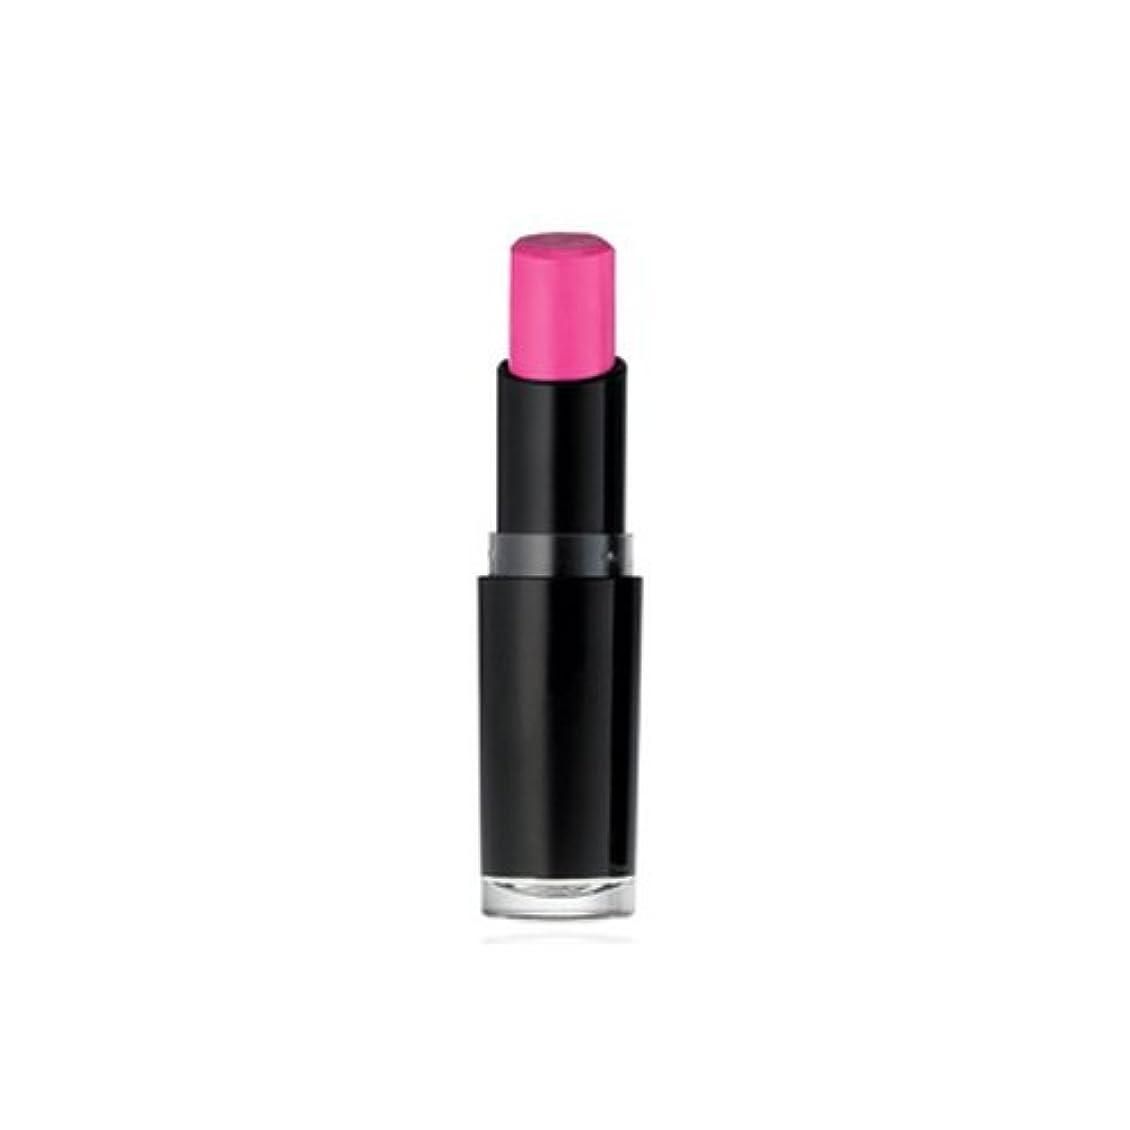 タクト汗偽物WET N WILD Mega Last Matte Lip Cover - Dollhouse Pink (並行輸入品)